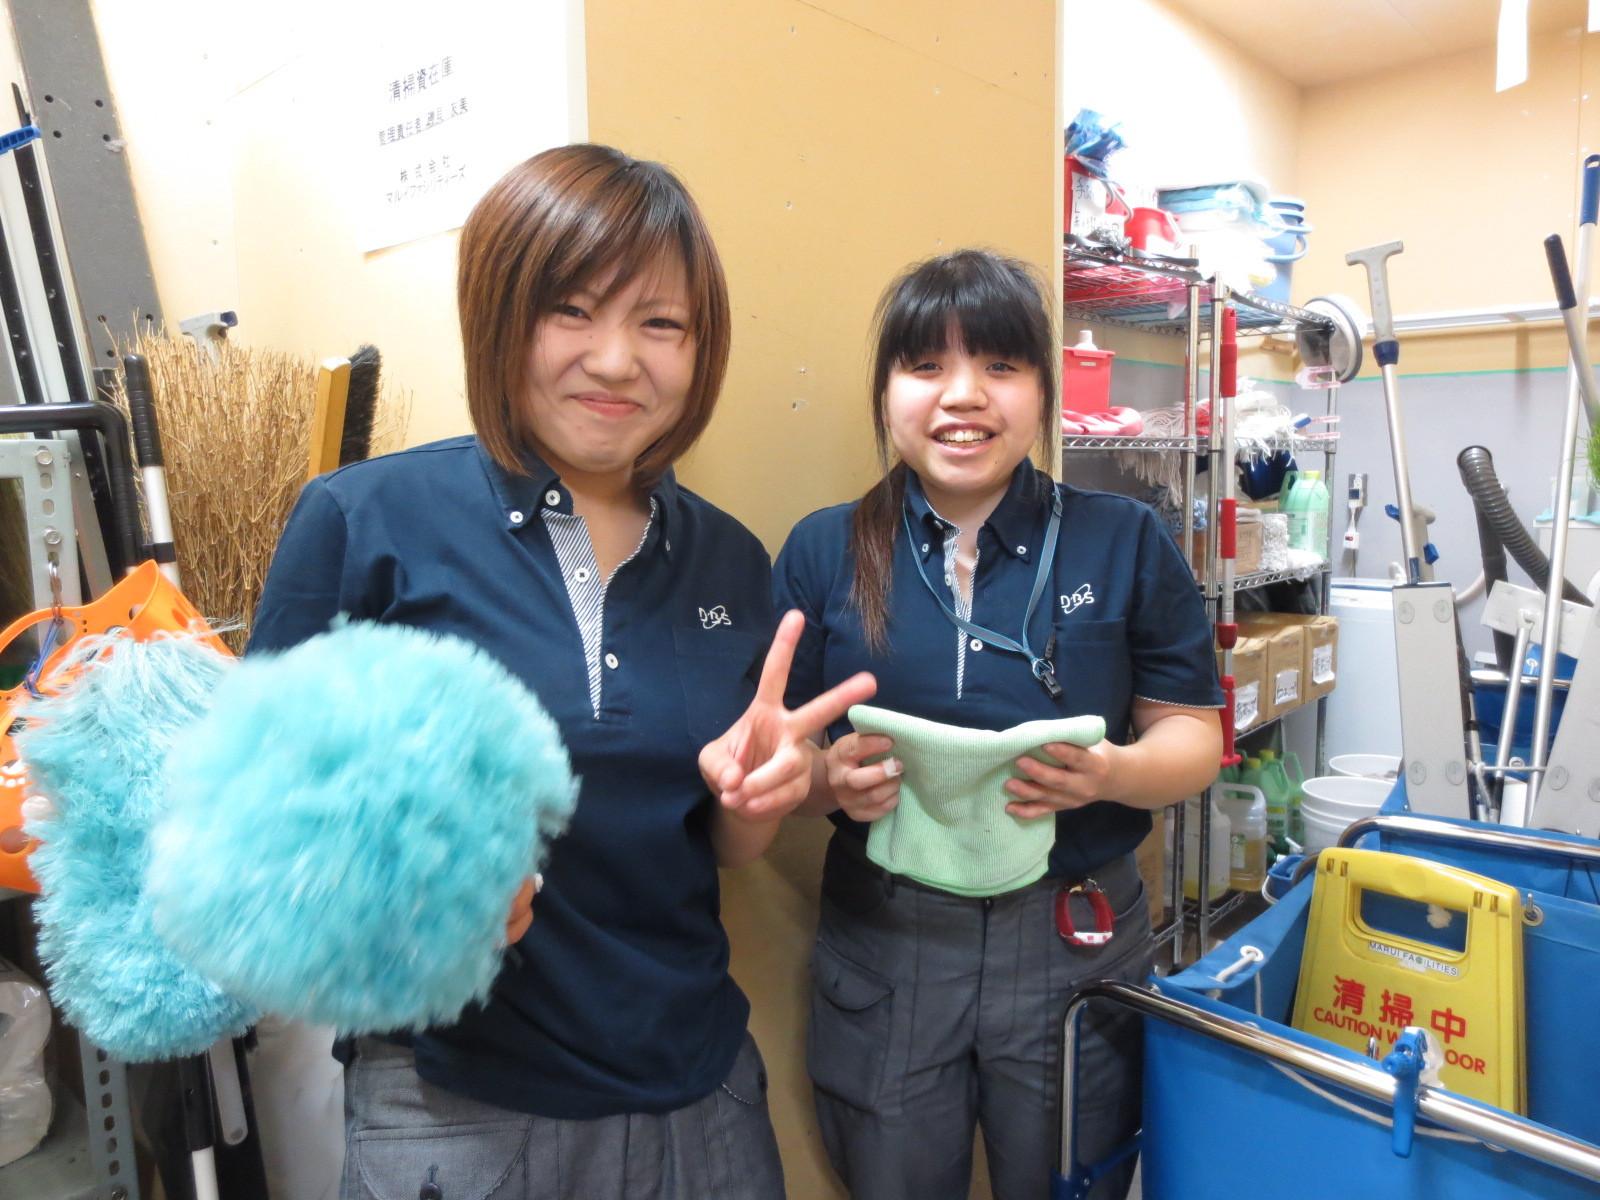 清掃スタッフ 文京区湯島エリア 大光ビルサービス株式会社 のアルバイト情報